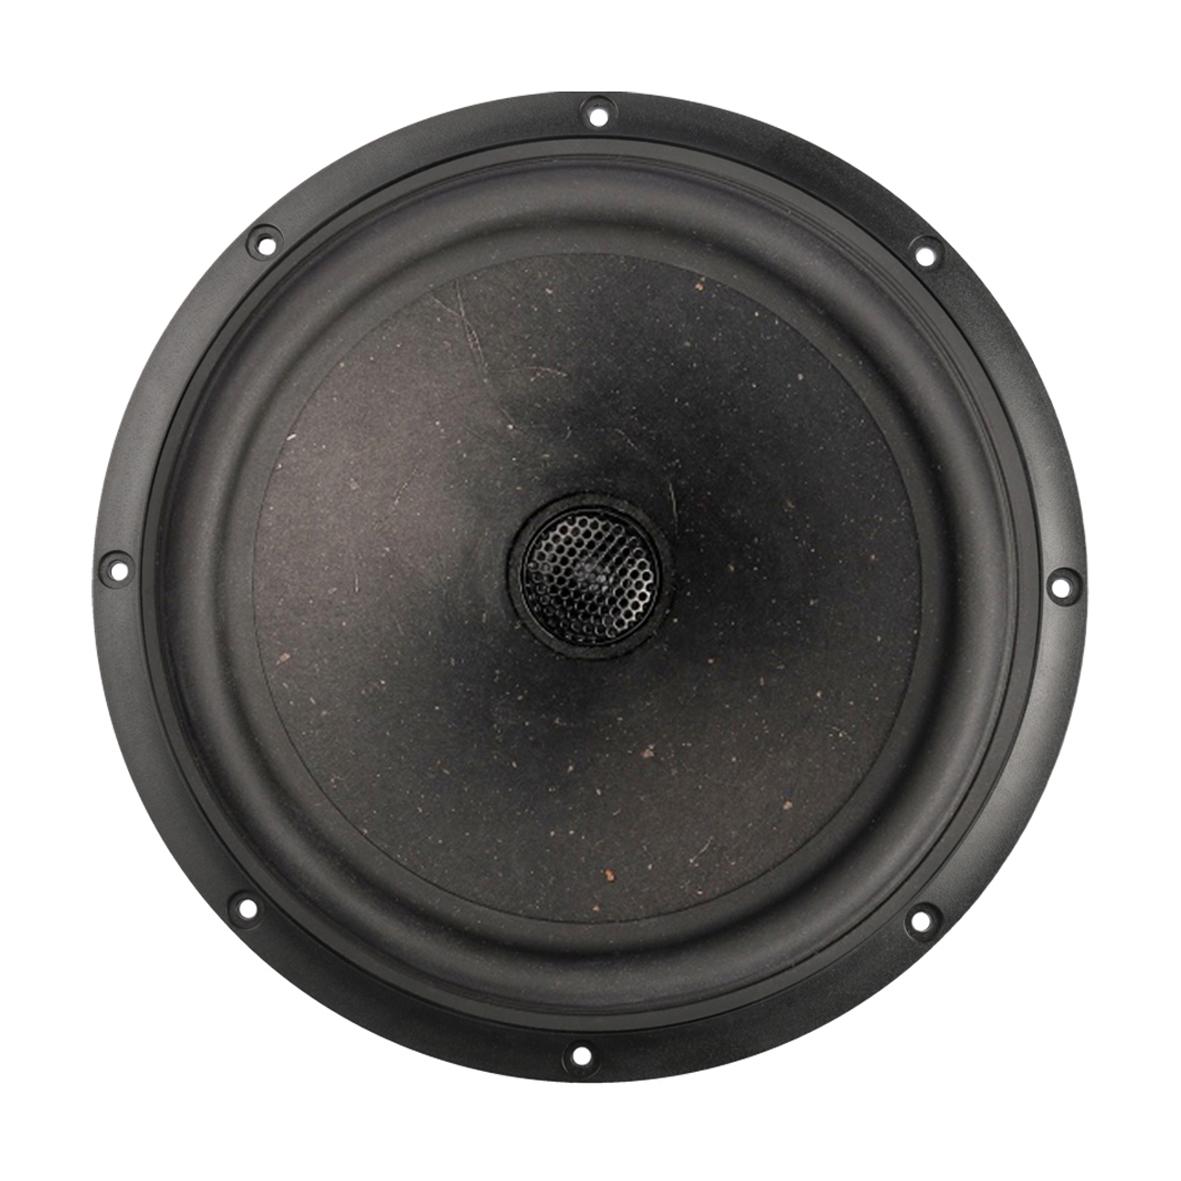 SB Acoustics SB16PFCR25-4-COAX画像